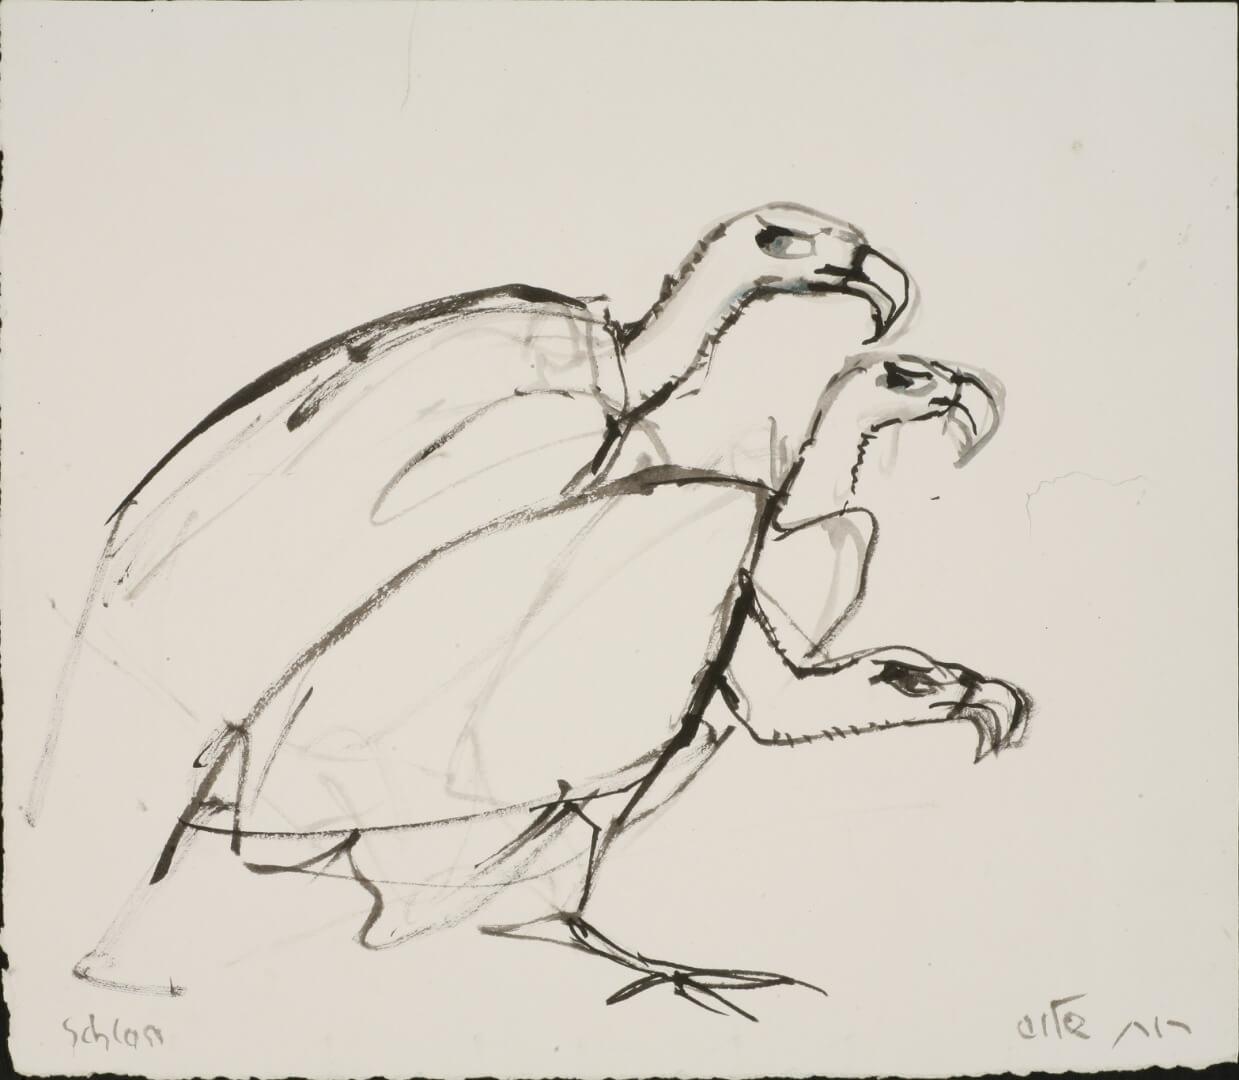 רות שלוס - עופות דורסים 2